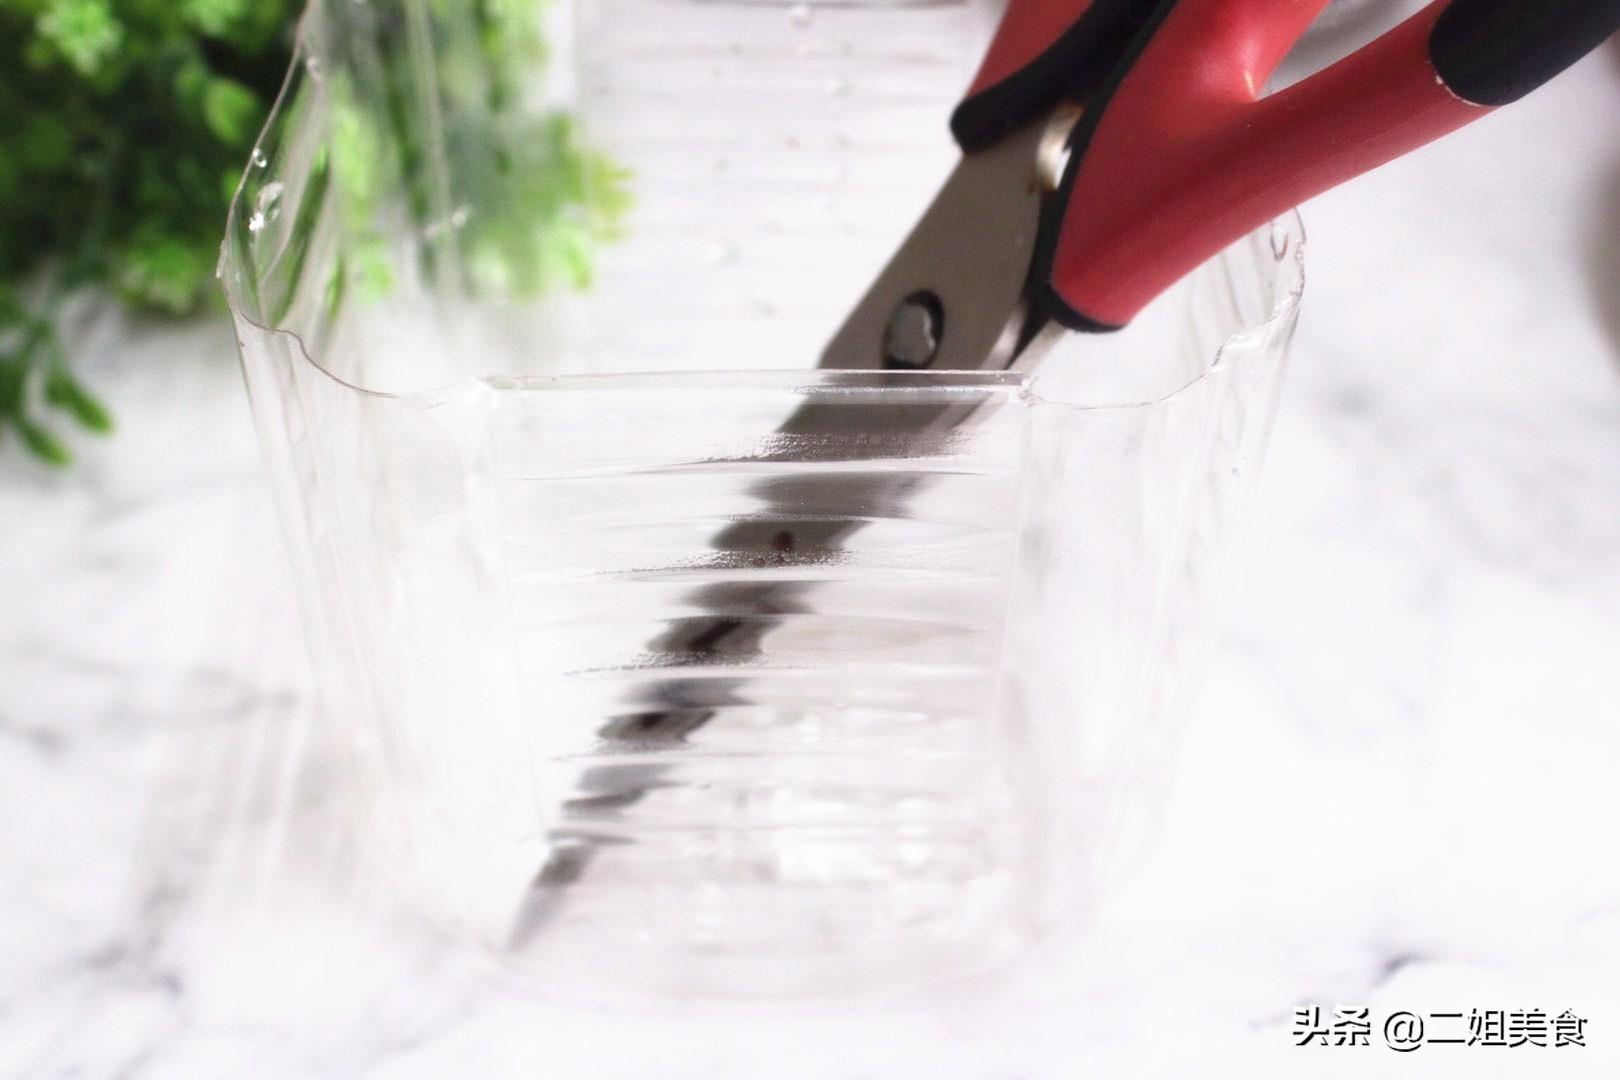 把剪刀放入小蘇打水中,太聰明了,用途花錢買不到,簡單還實用